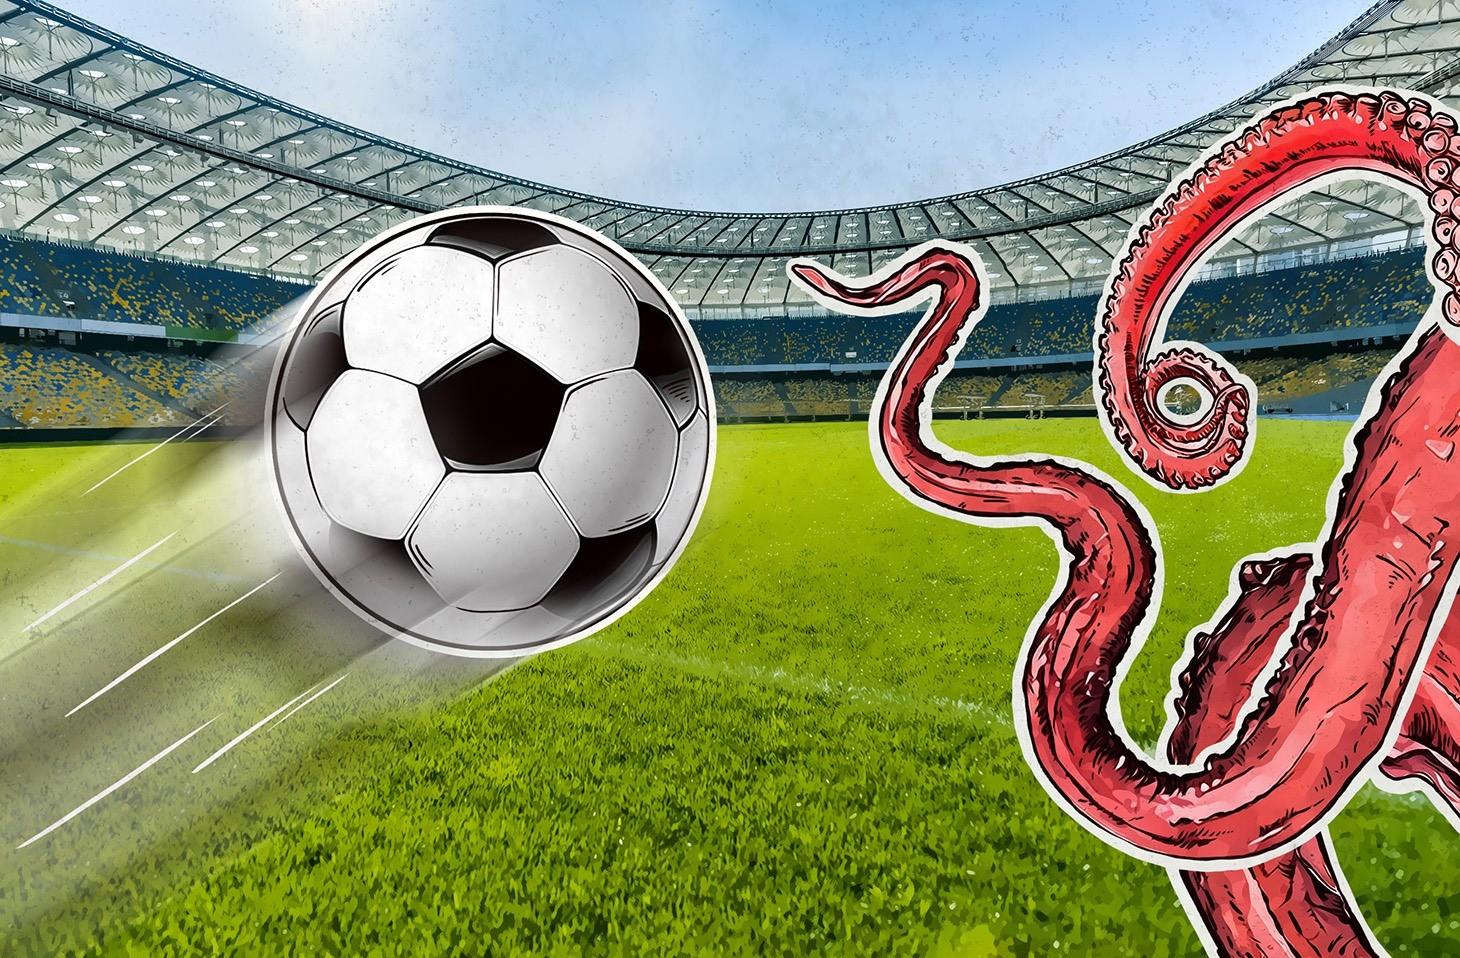 نصائح السلامة لكأس العالم 2018